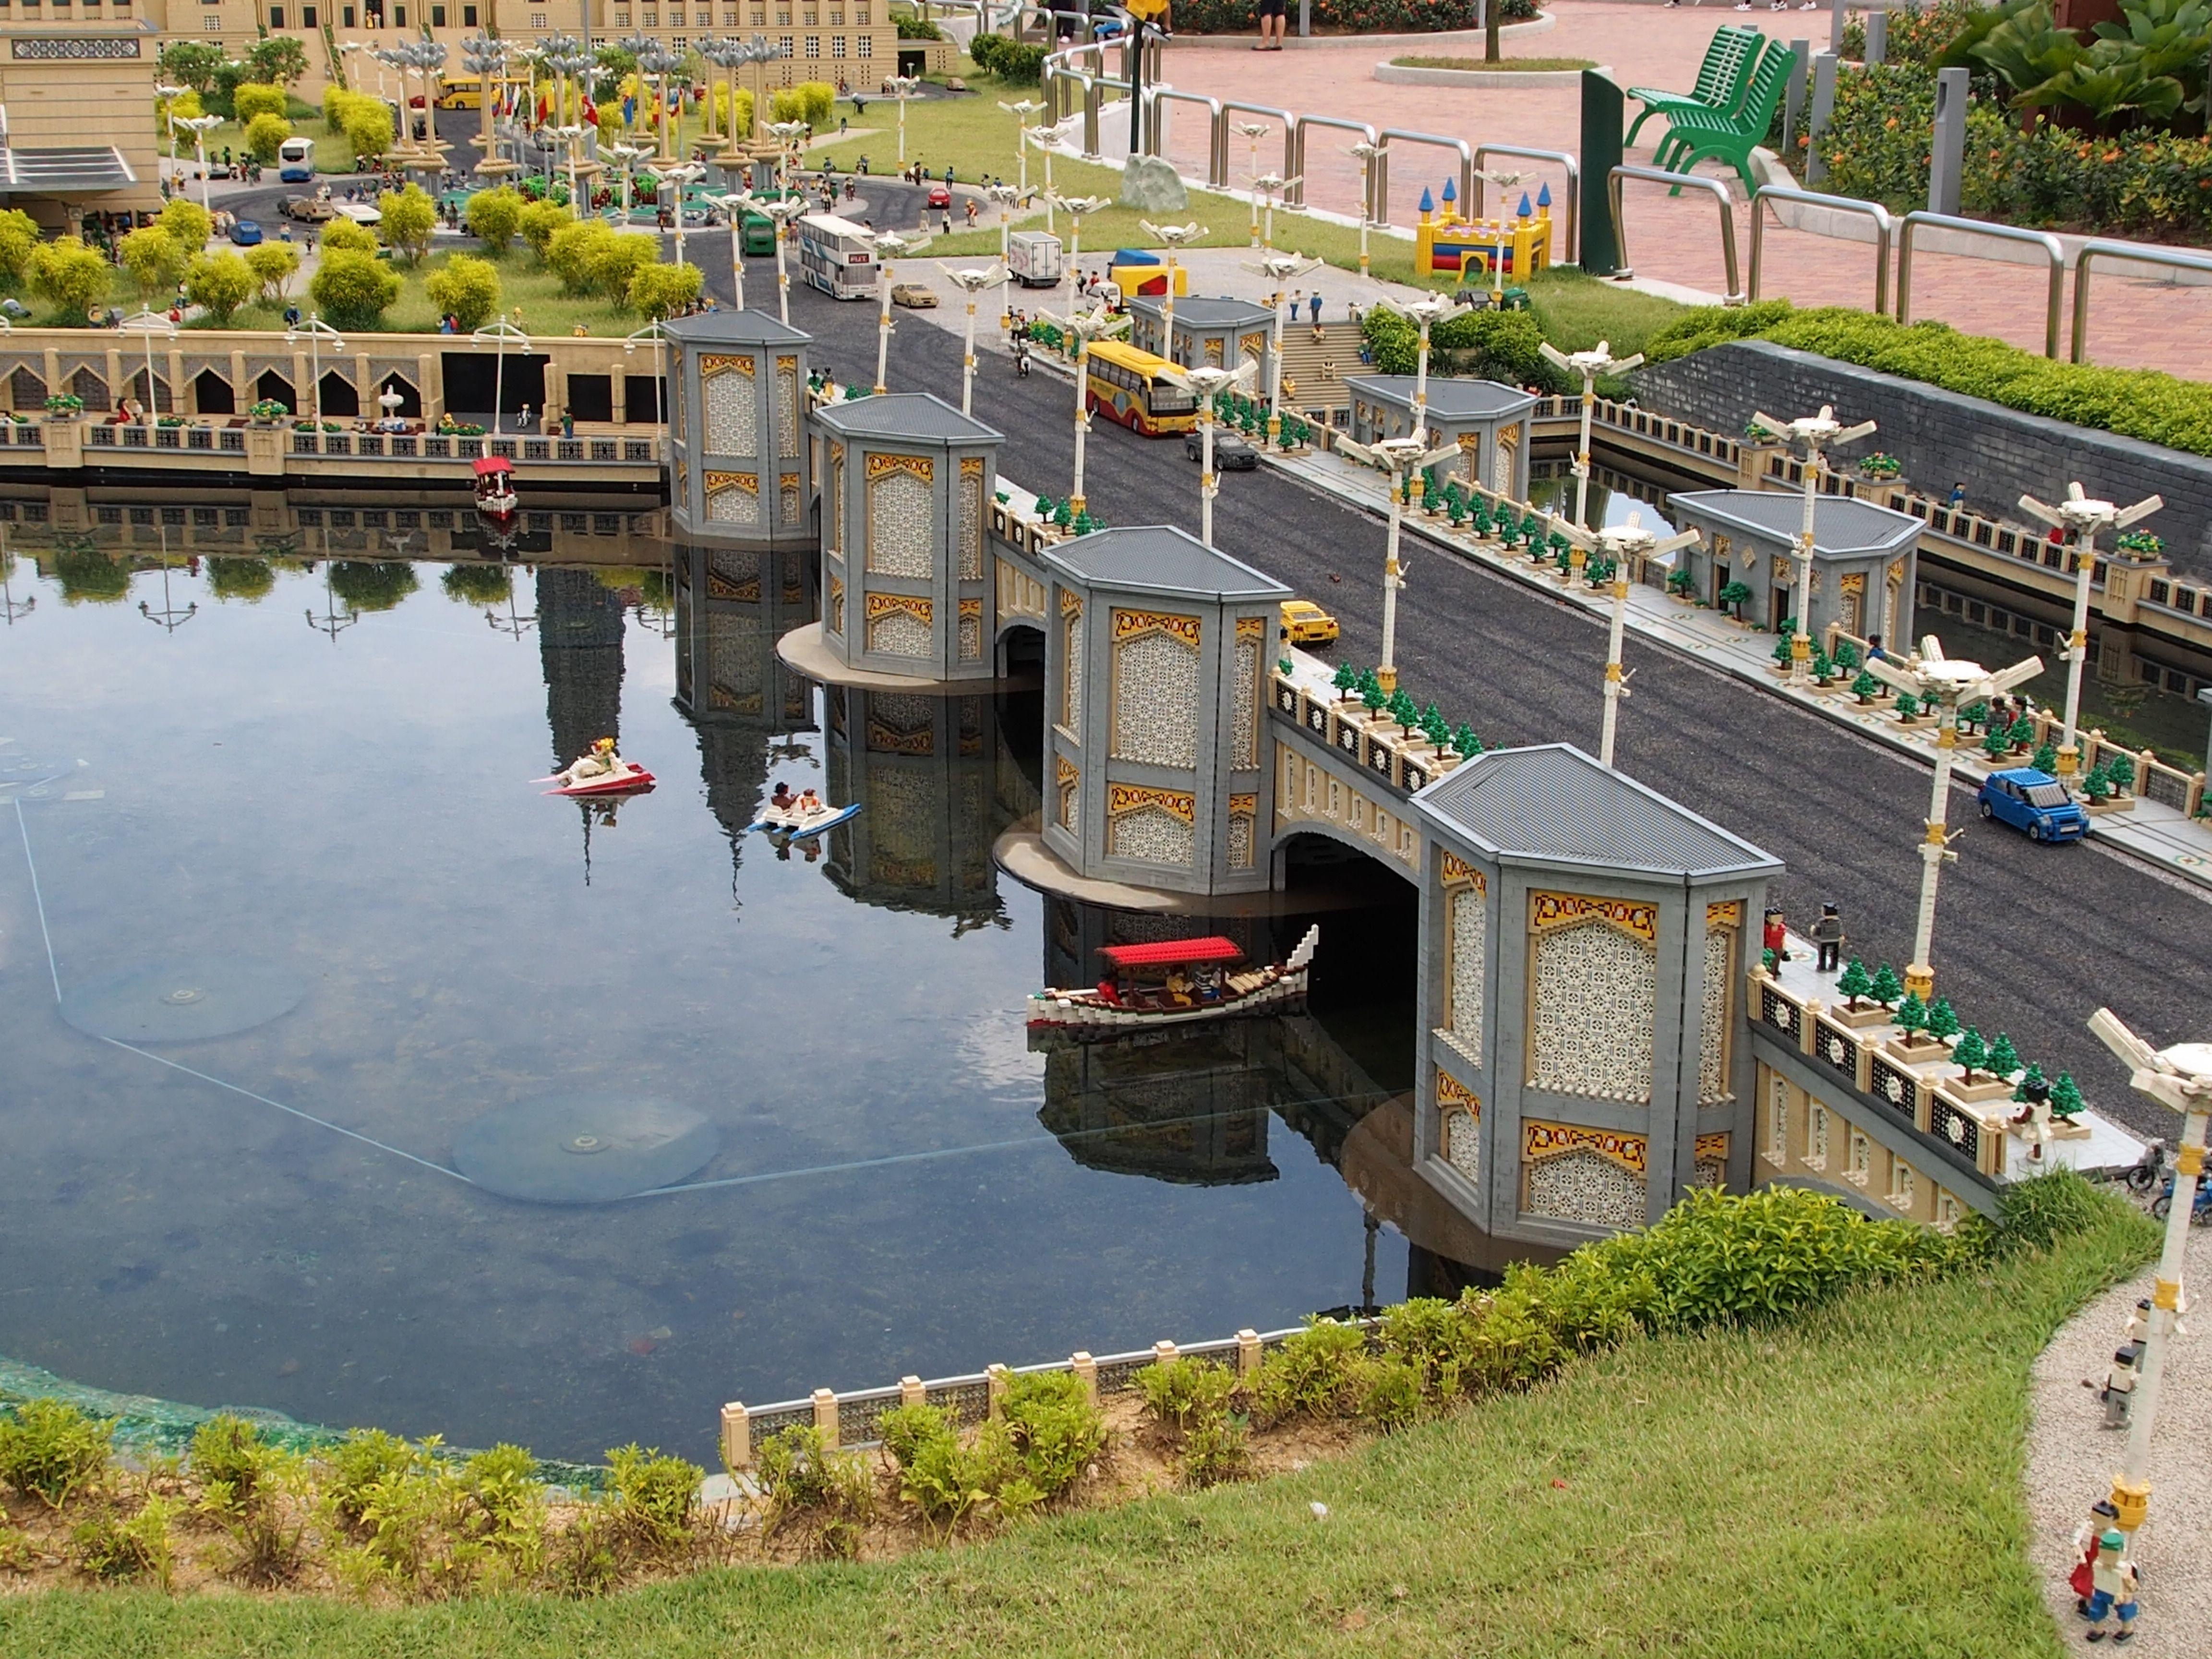 Pin by Nytra Camar on Legoland Malaysia | Legoland ...